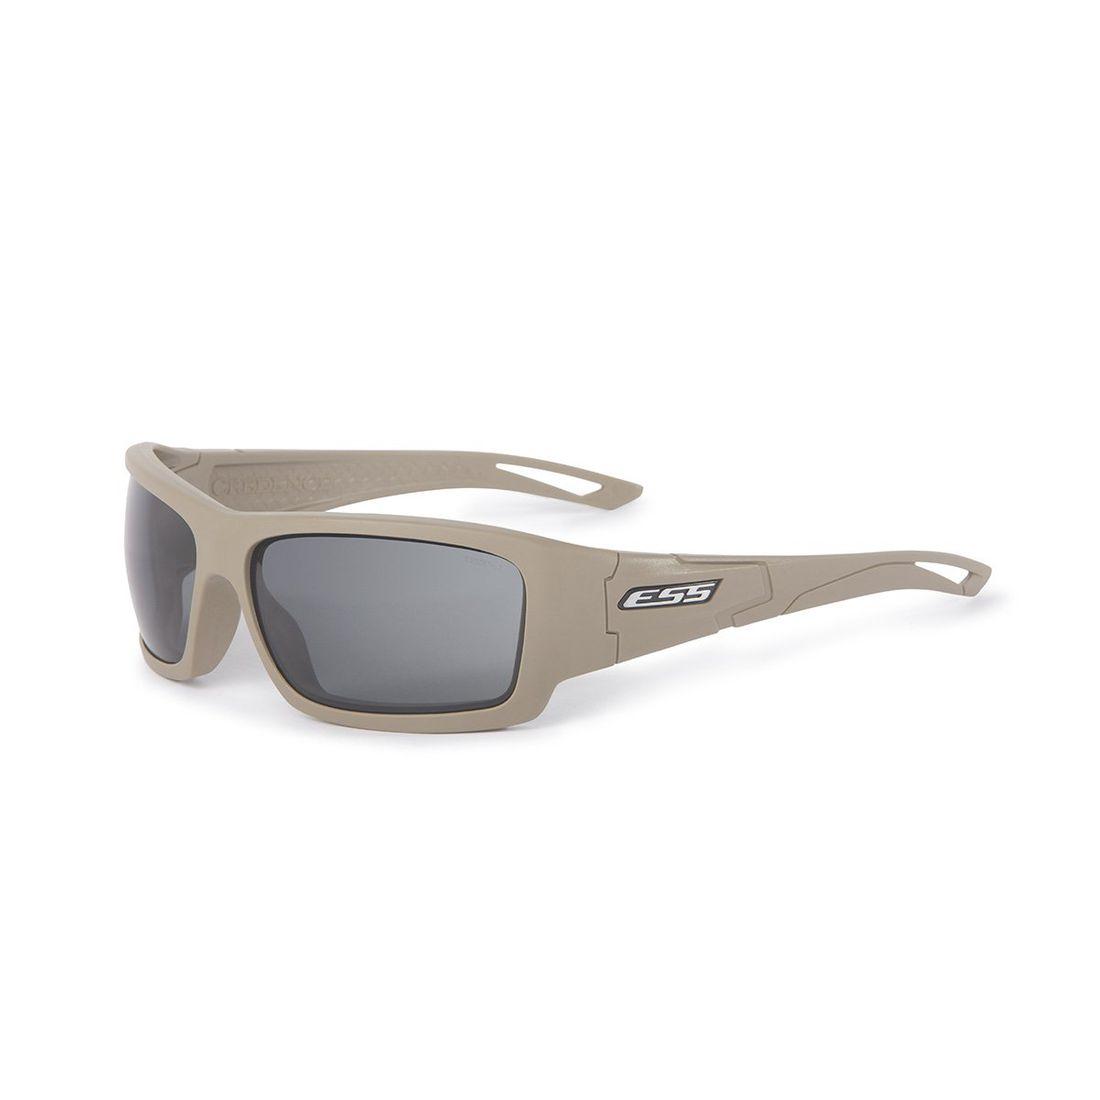 9936e961d8188 Lunette Credence™ Tan verres gris fumés ESS